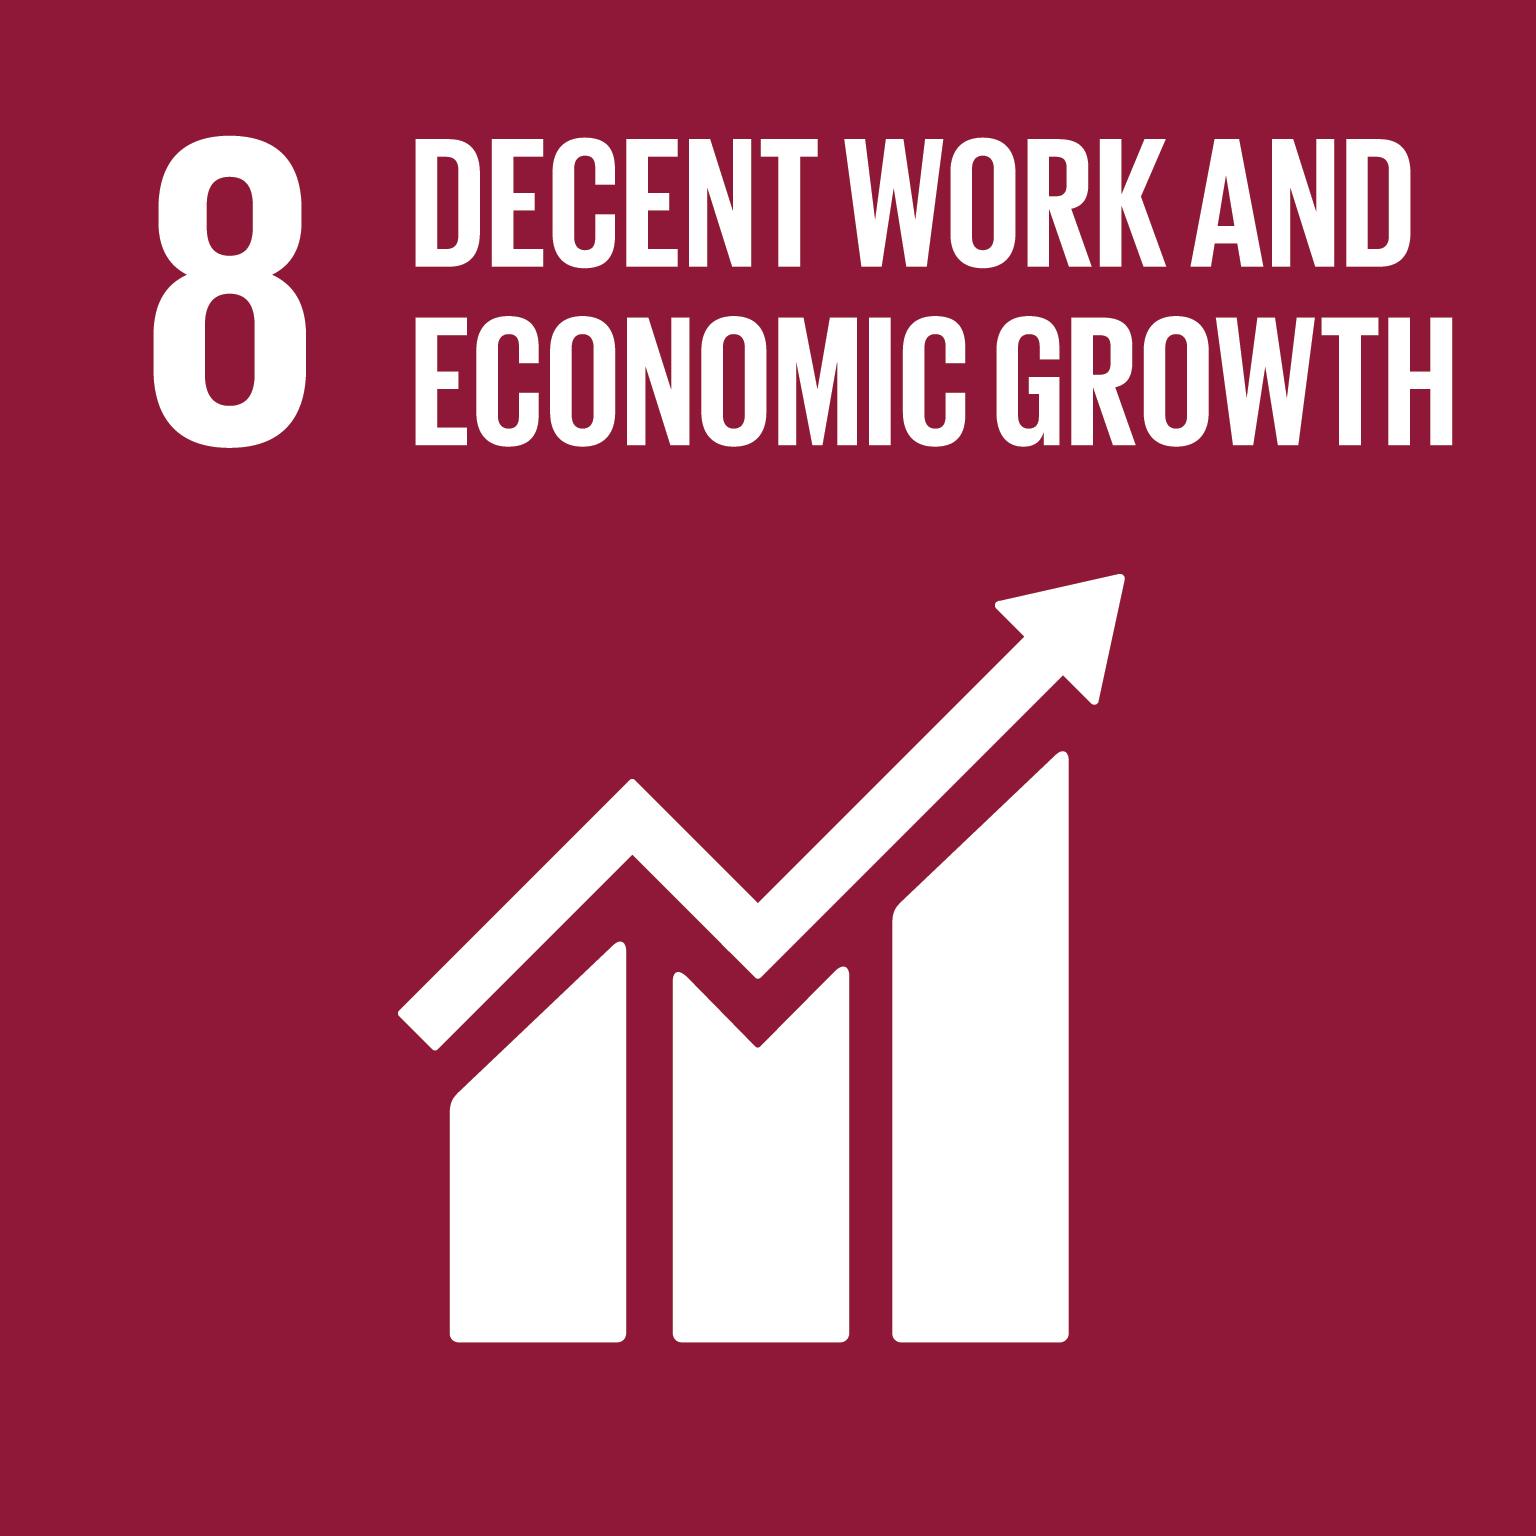 Kestävän kehityksen tavoite 8 Decent work and economic growth logo